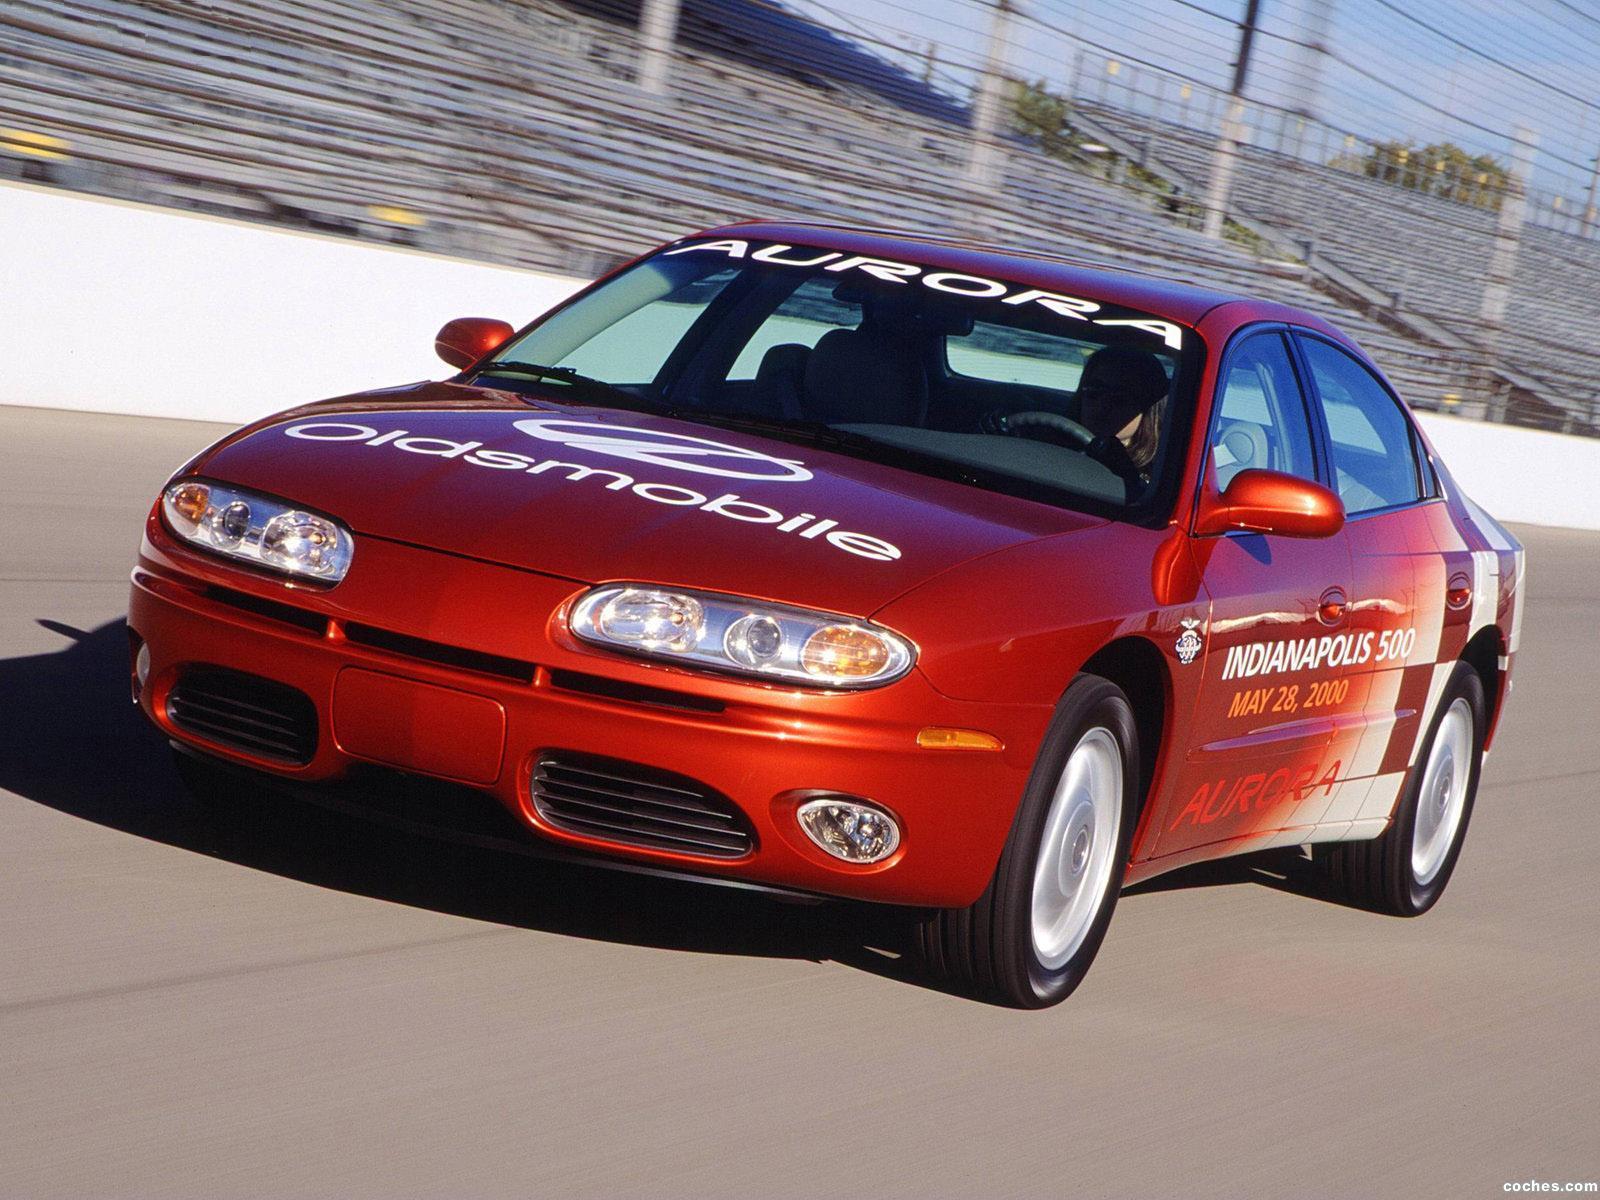 Foto 0 de Oldsmobile Aurora Indy 500 Pace Car 2000